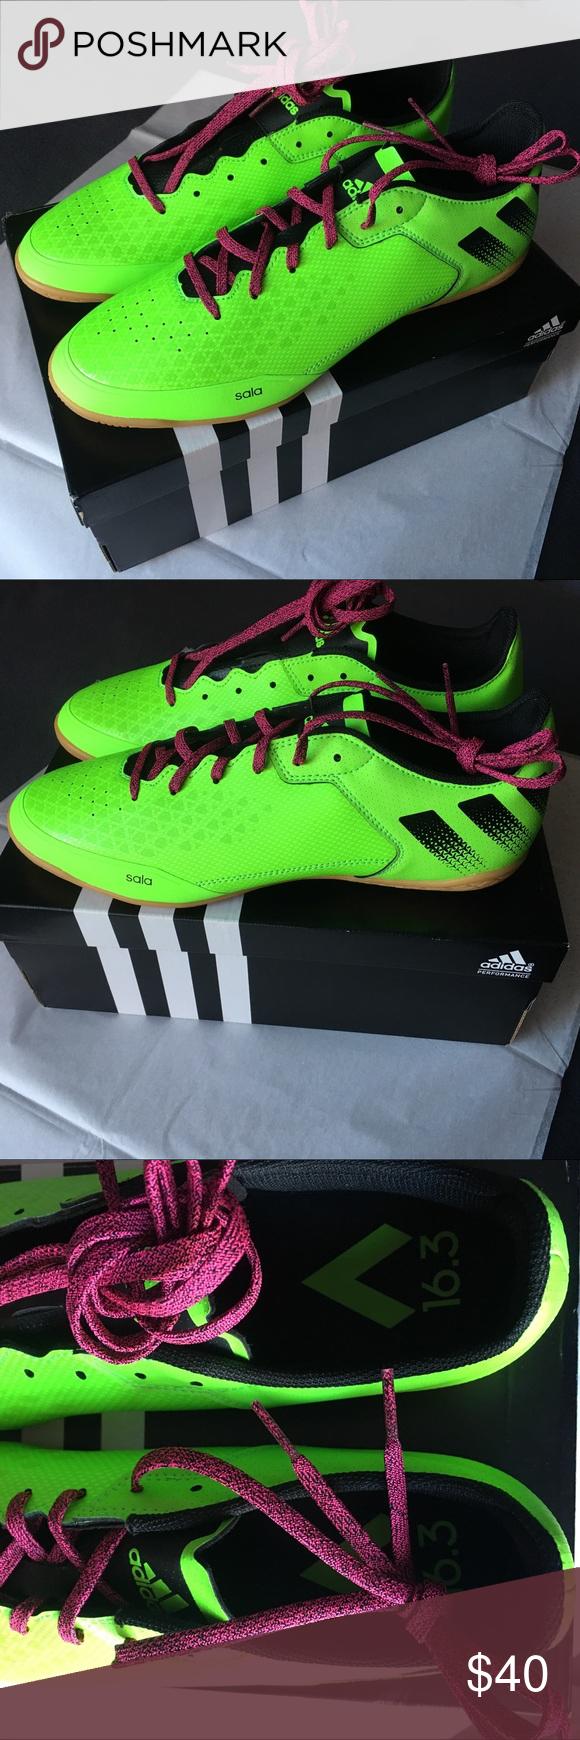 Zapatillas de fútbol Adidas: fútbol Shock Green Zapatillas/ Black Black/ Shock Pink NWT   b30c296 - grind.website